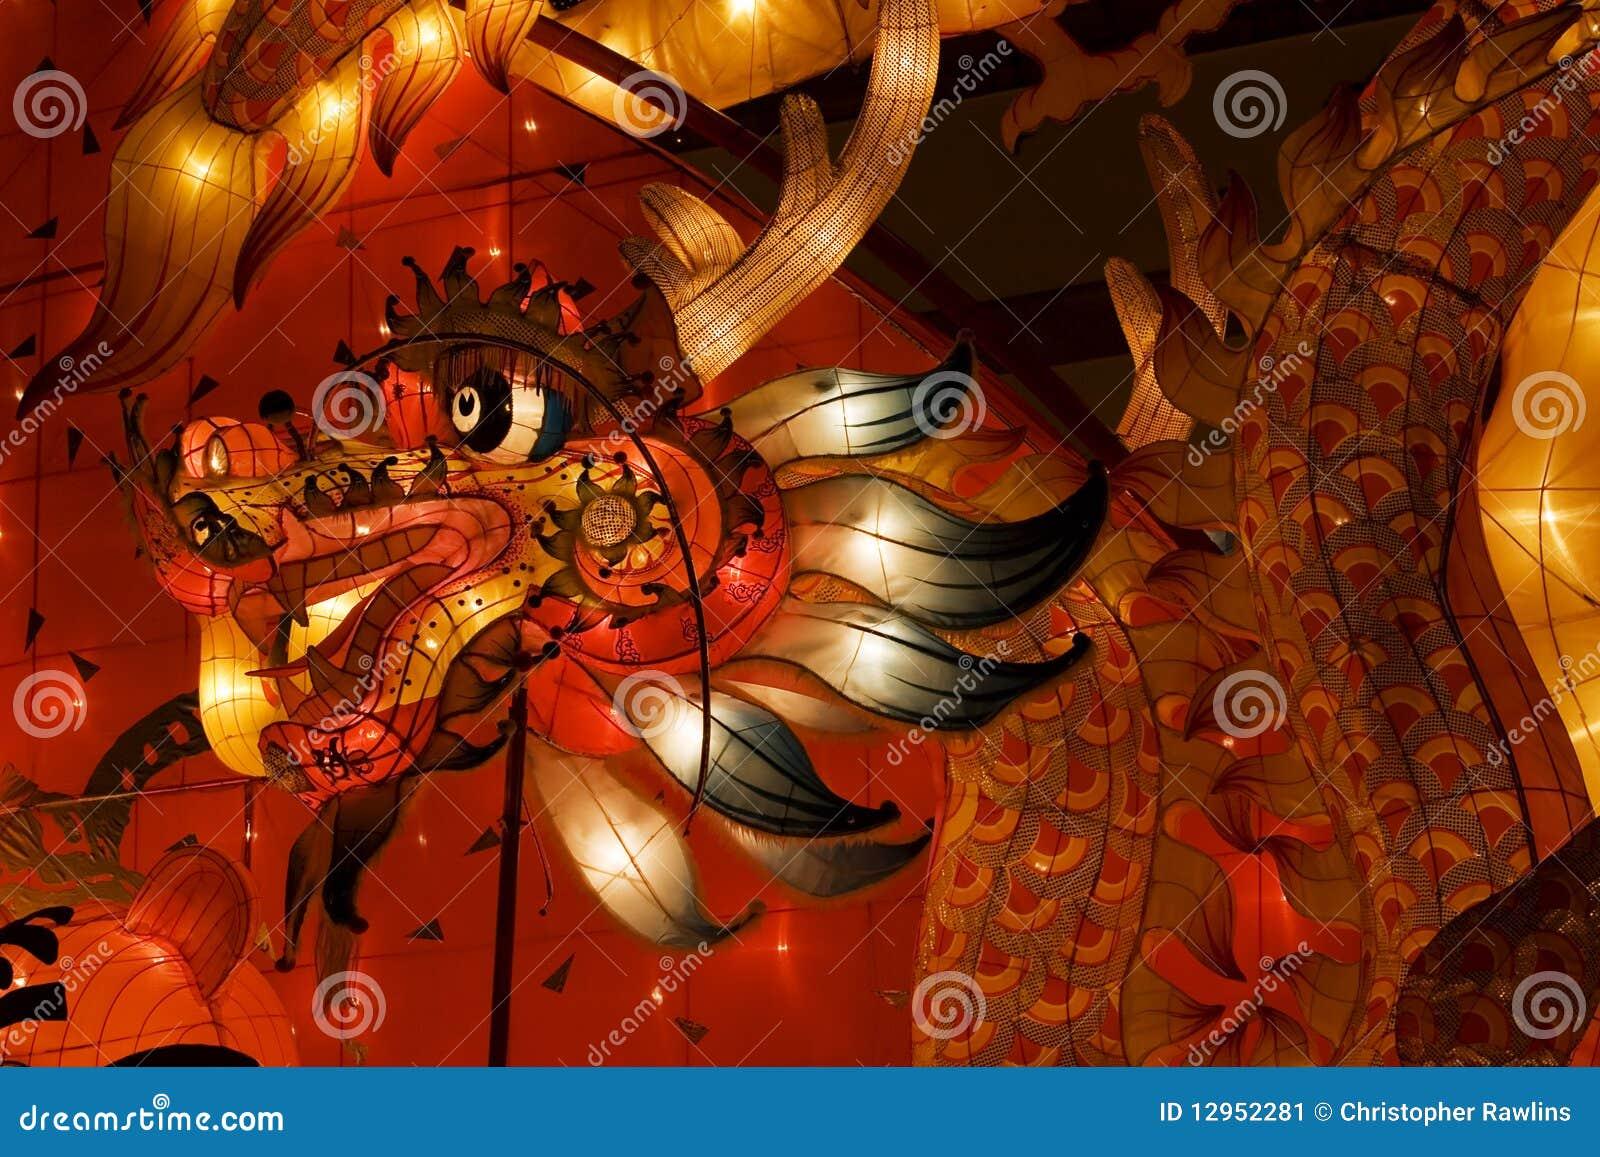 Dragon Lantern for a celebration